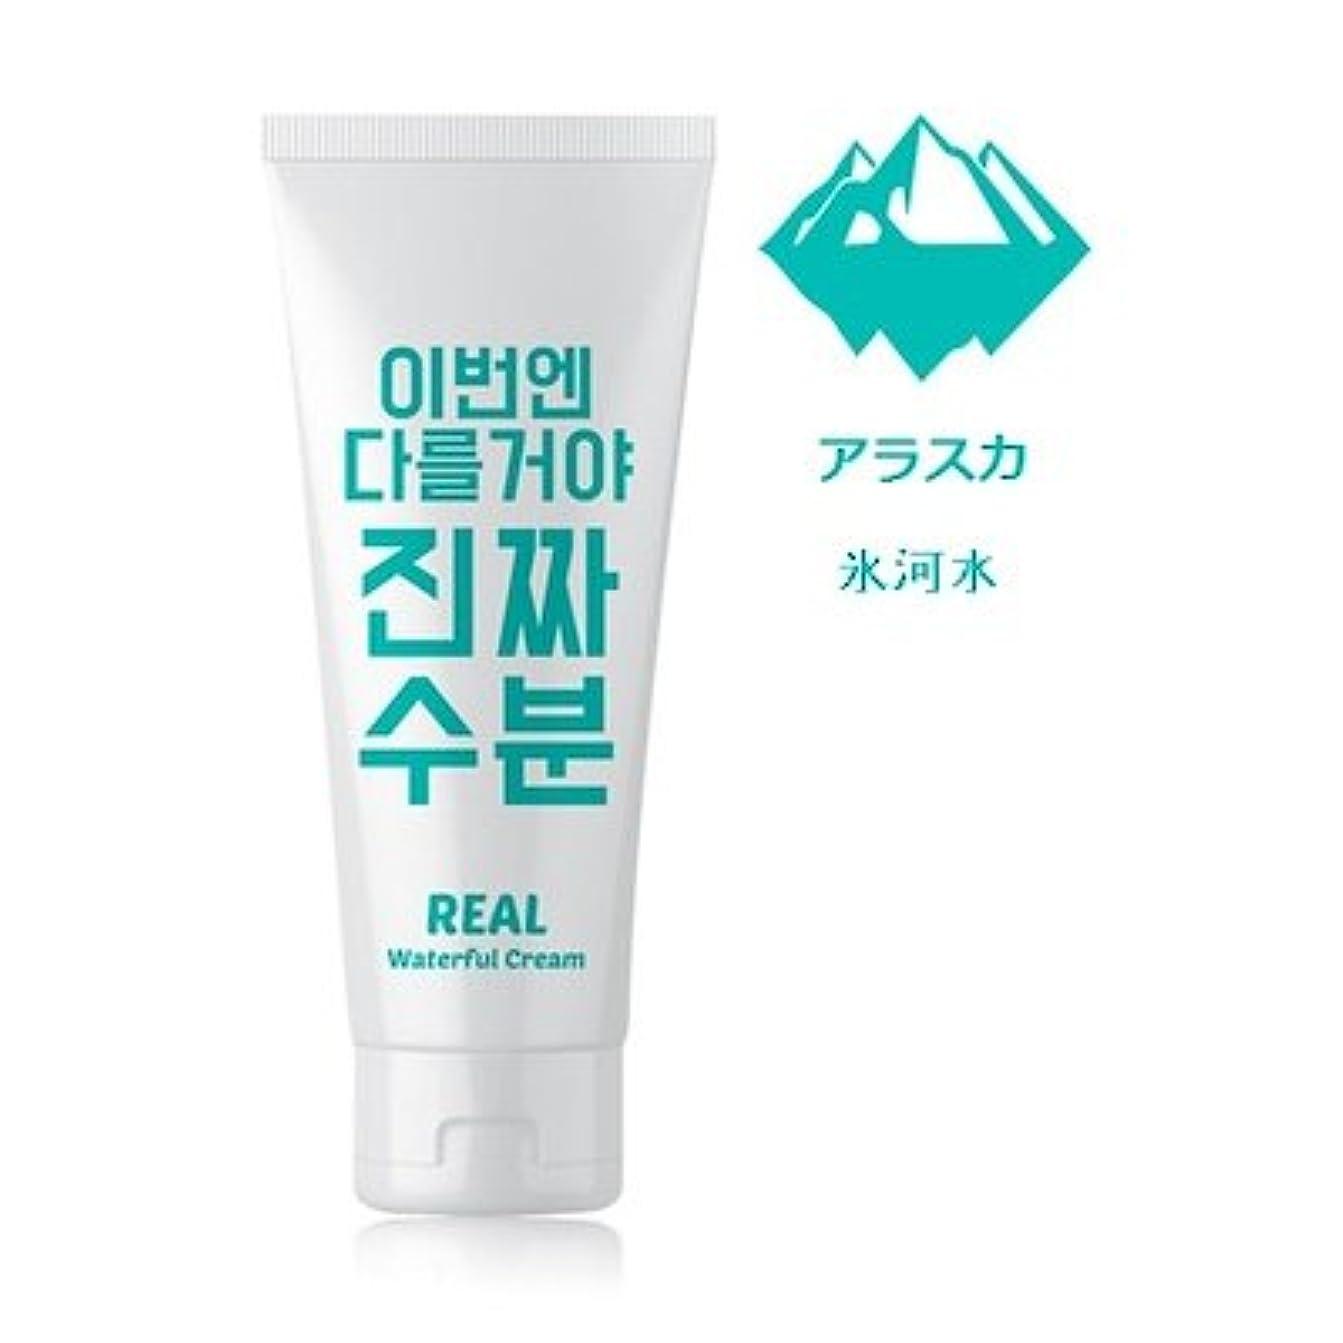 いいねオプショナル衝突Jaminkyung Real Waterful Cream/孜民耕 [ジャミンギョン] 今度は違うぞ本当の水分クリーム 200ml [並行輸入品]